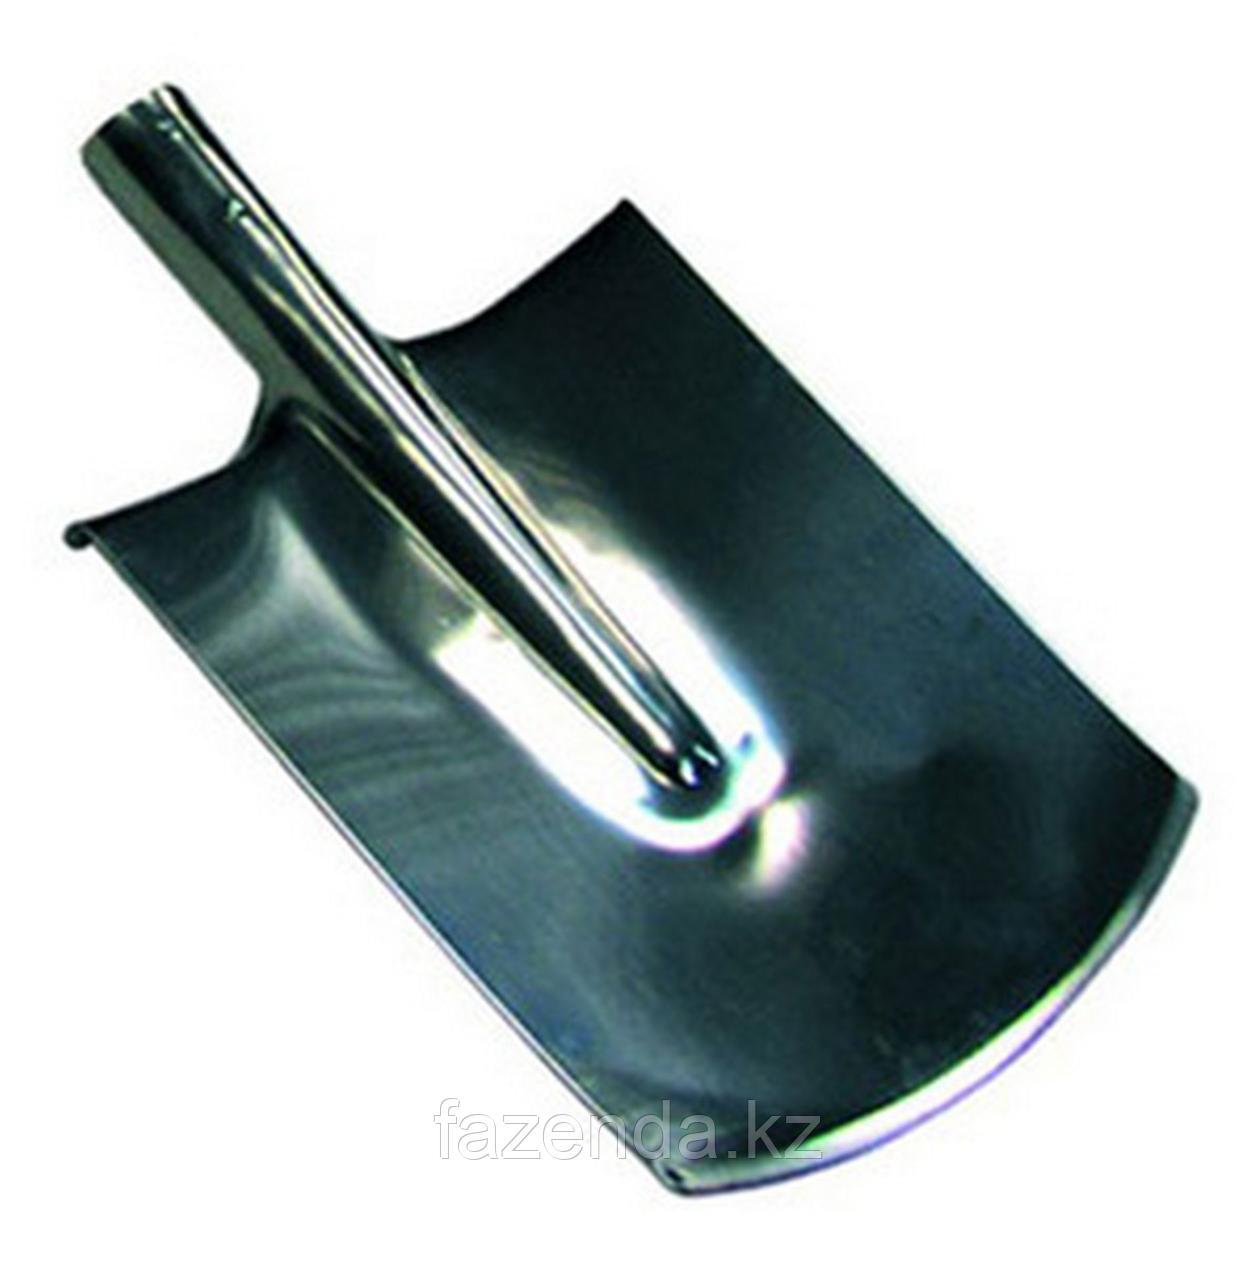 Лопата штыковая, прямоугольная из нержавейки